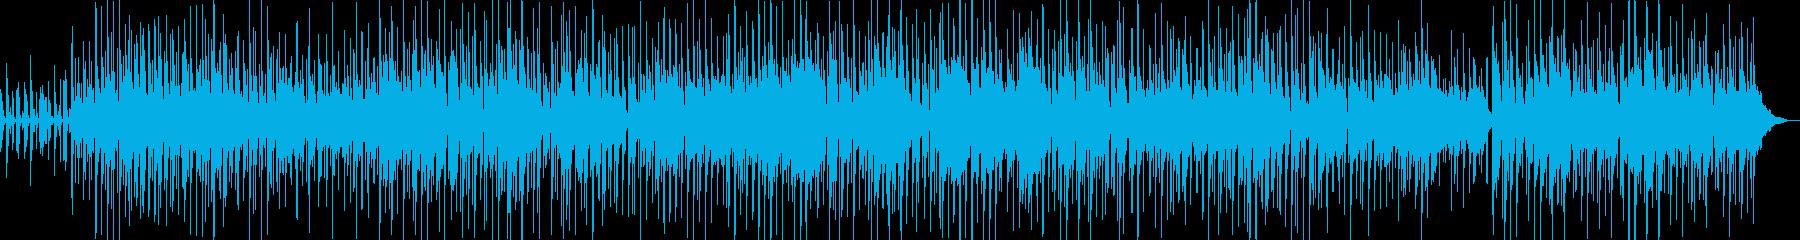 シンプルで穏やかなアコースティックの再生済みの波形